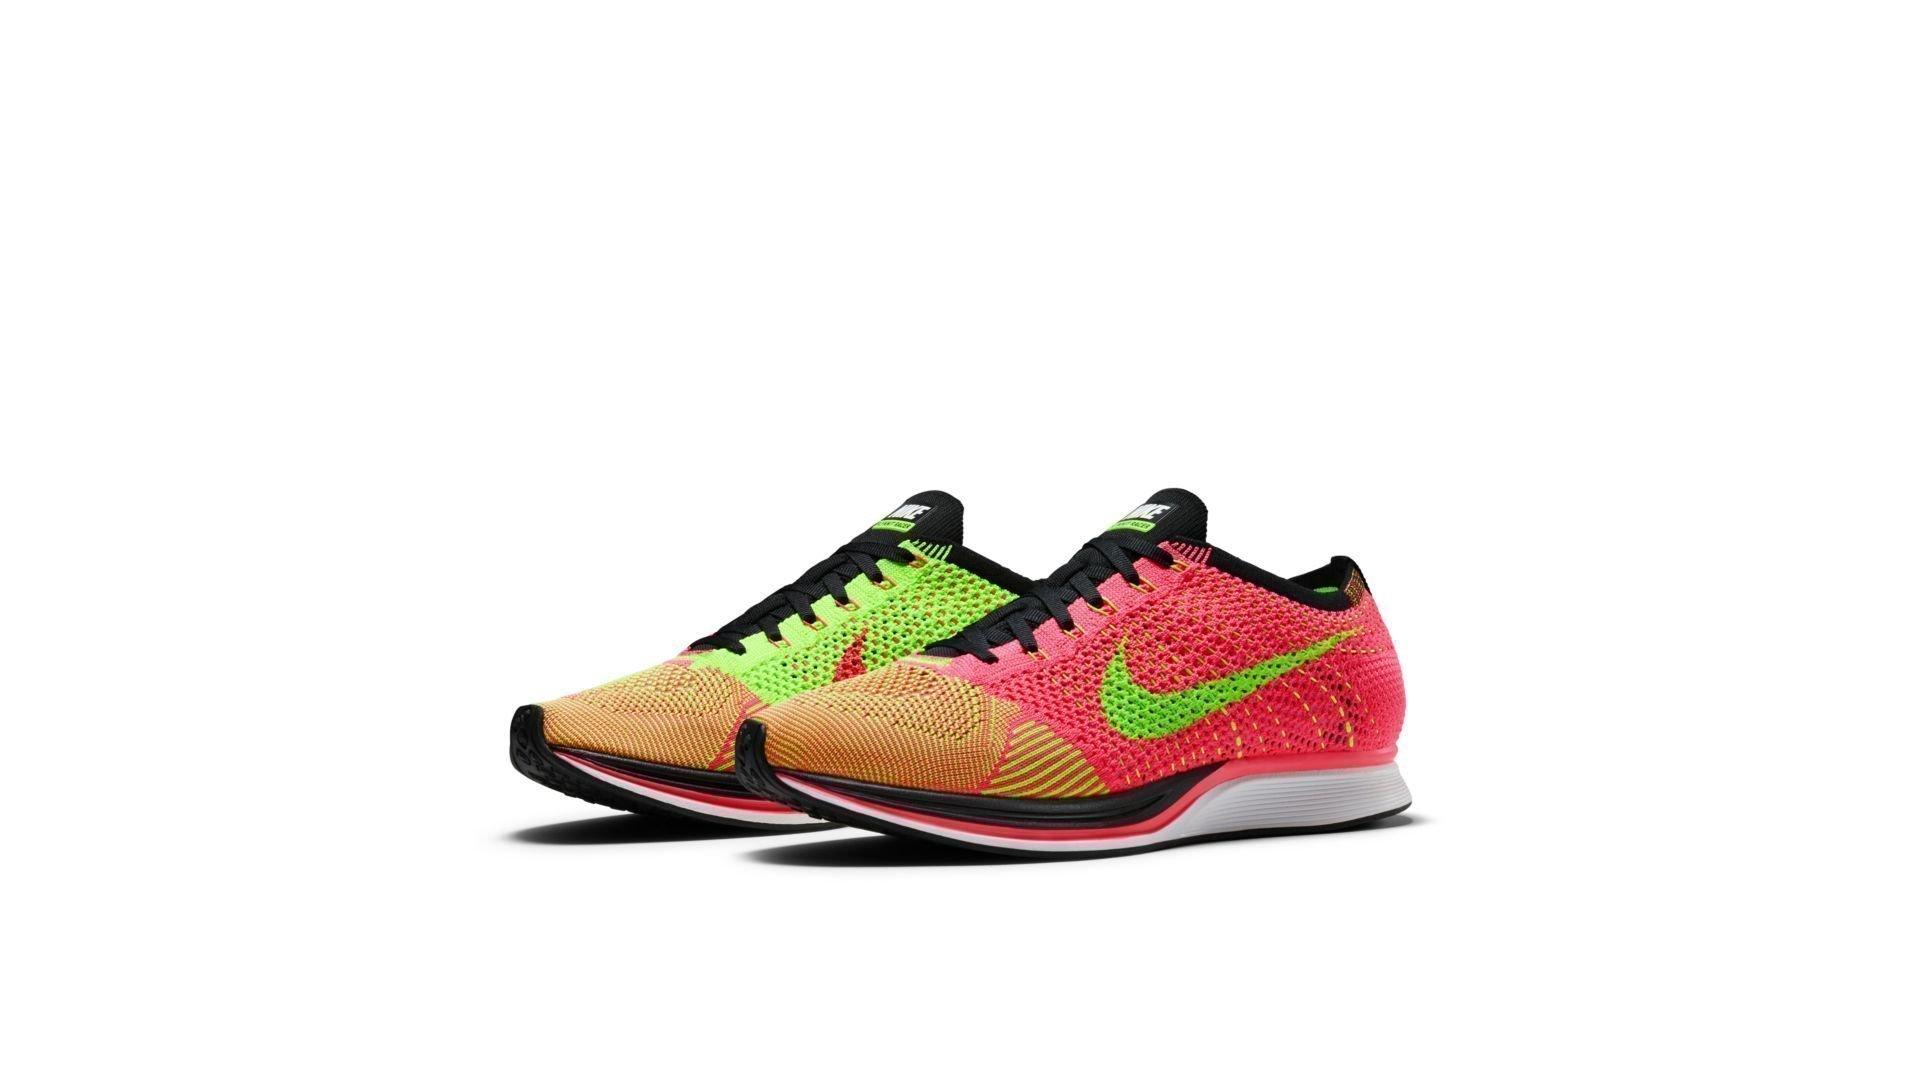 Nike Flyknit Racer Hyper Punch (526628-603)